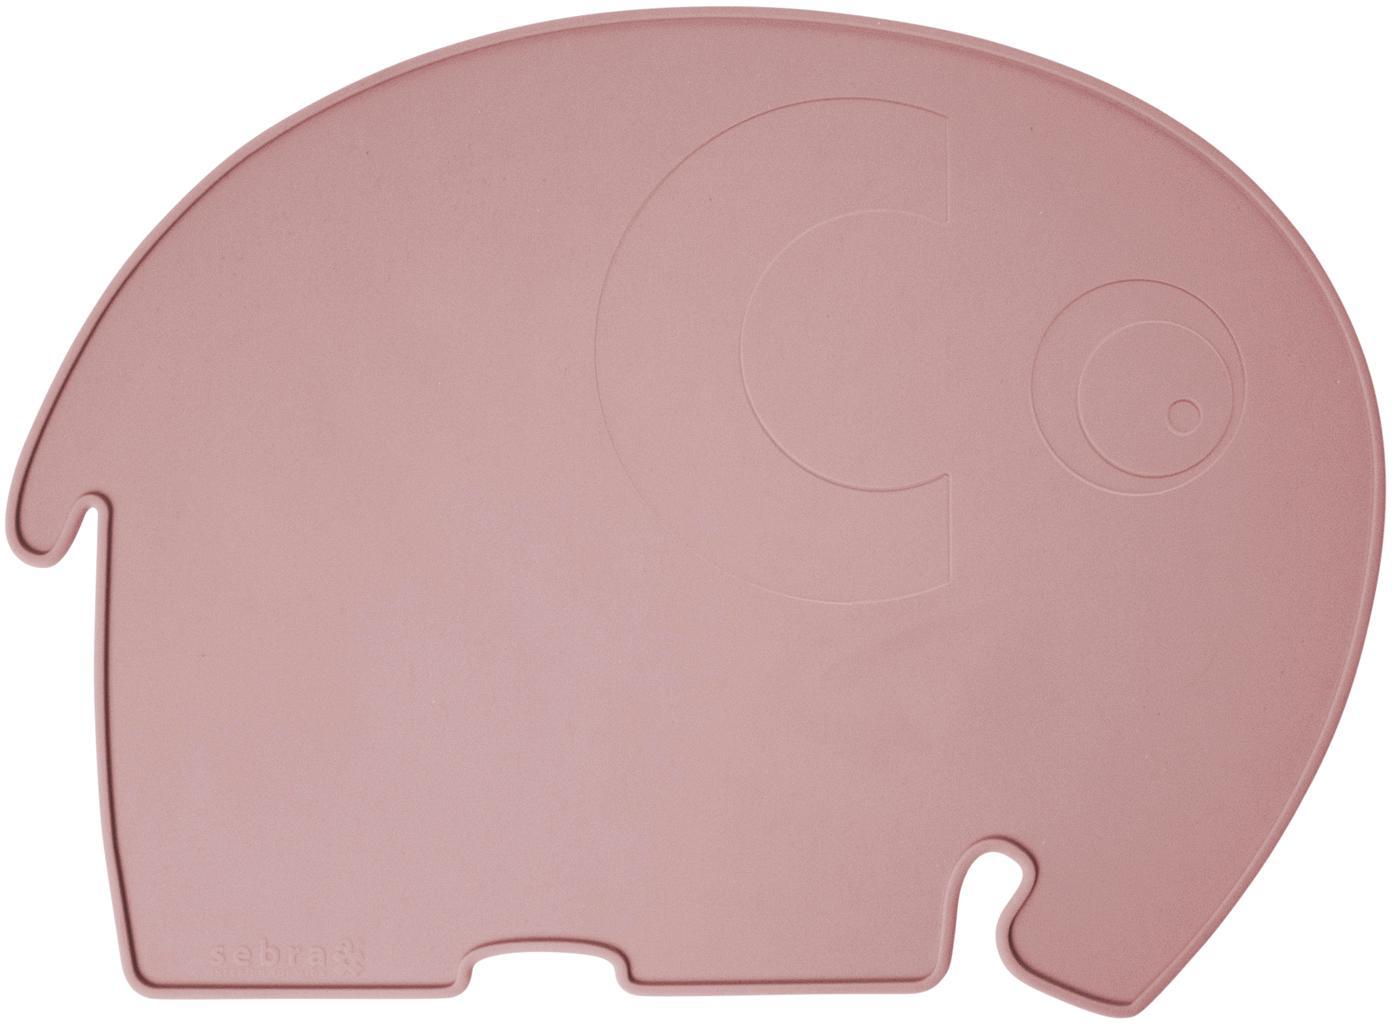 Tovaglietta elefantino in silicone Fanto, Silicone, senza BPA, Rosa, Larg. 43 x Alt. 33 cm